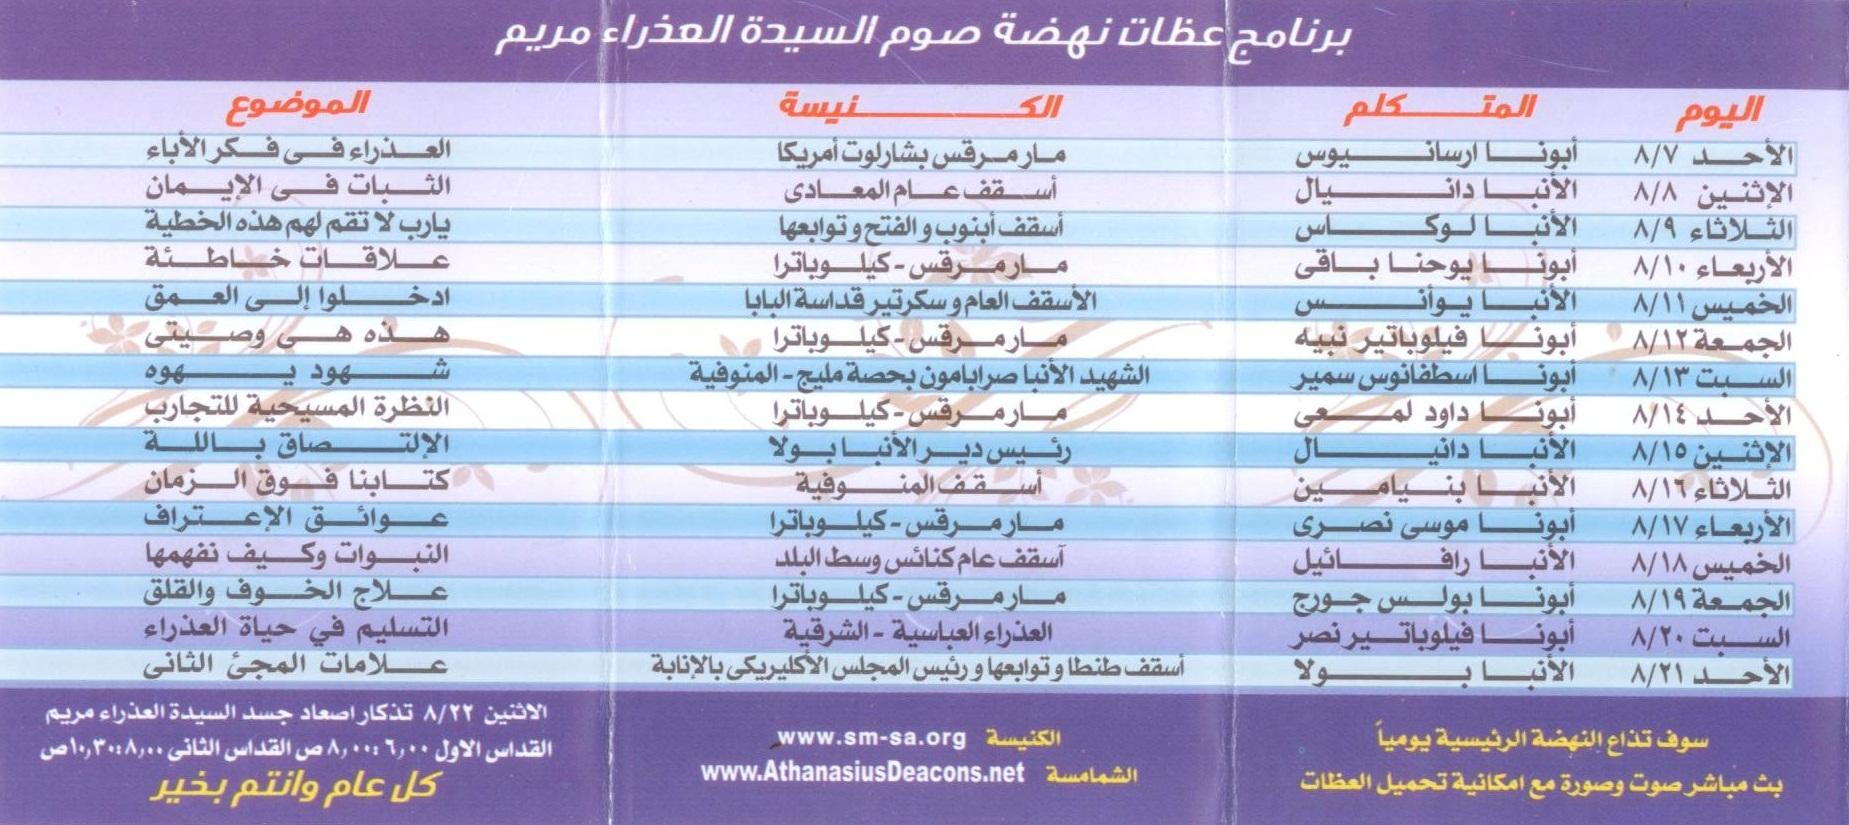 برنامج نهضة السيدة العذراء مريم 2011 بكنيسة السيدة العذراء والقديس اثناسيوس الرسولي مدينة نصر Nahda42011